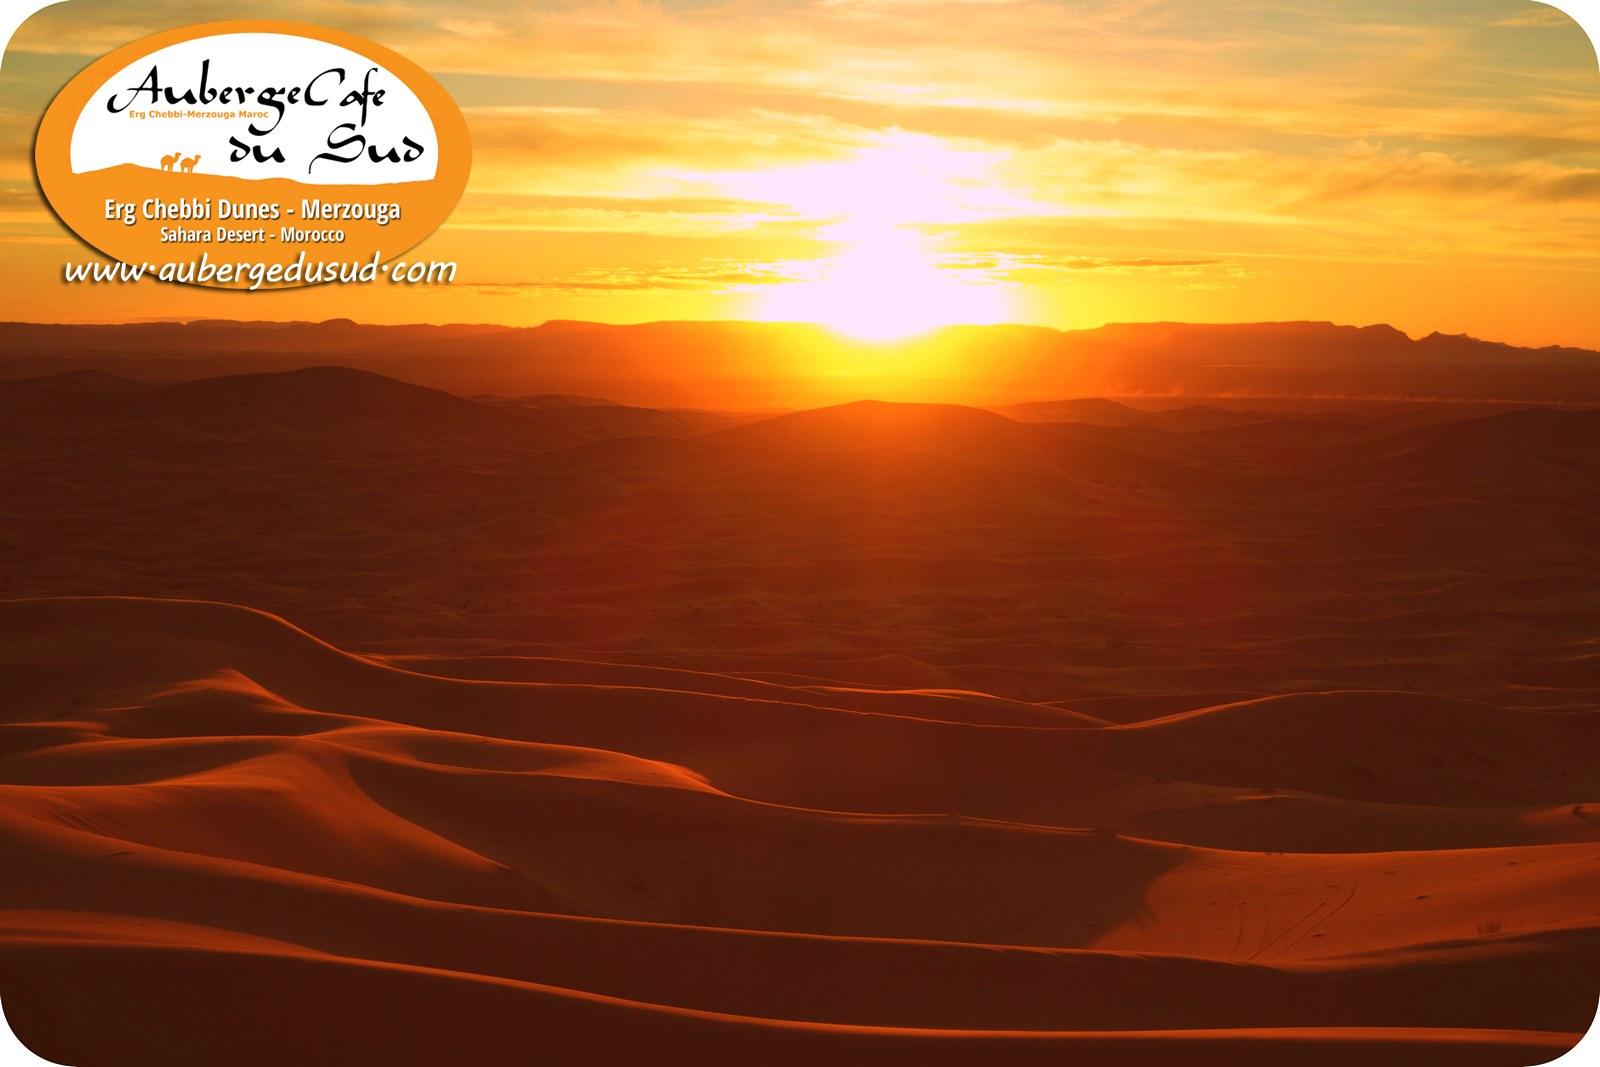 SUNSET DESERT MOROCCO